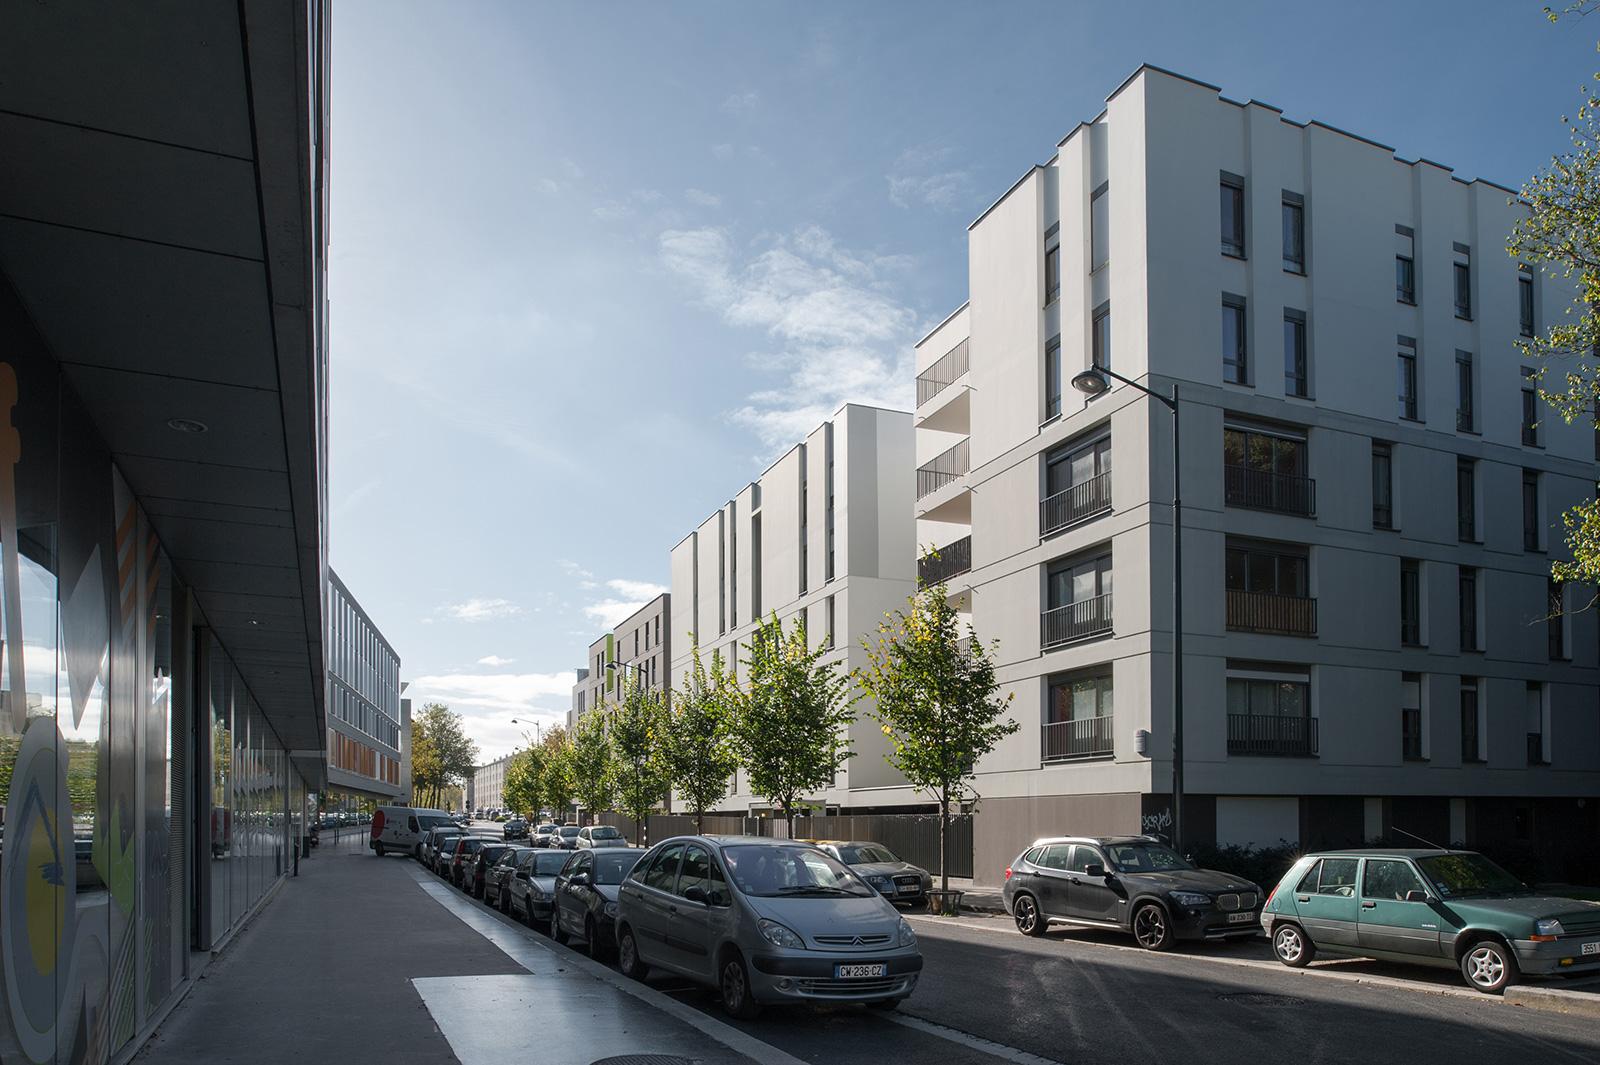 La rue nouvelle entre tissu résidentiel et immeubles tertiaires – architectes Crusson (1er plan droite), Nizou puis Langyel (2ème plan droite)